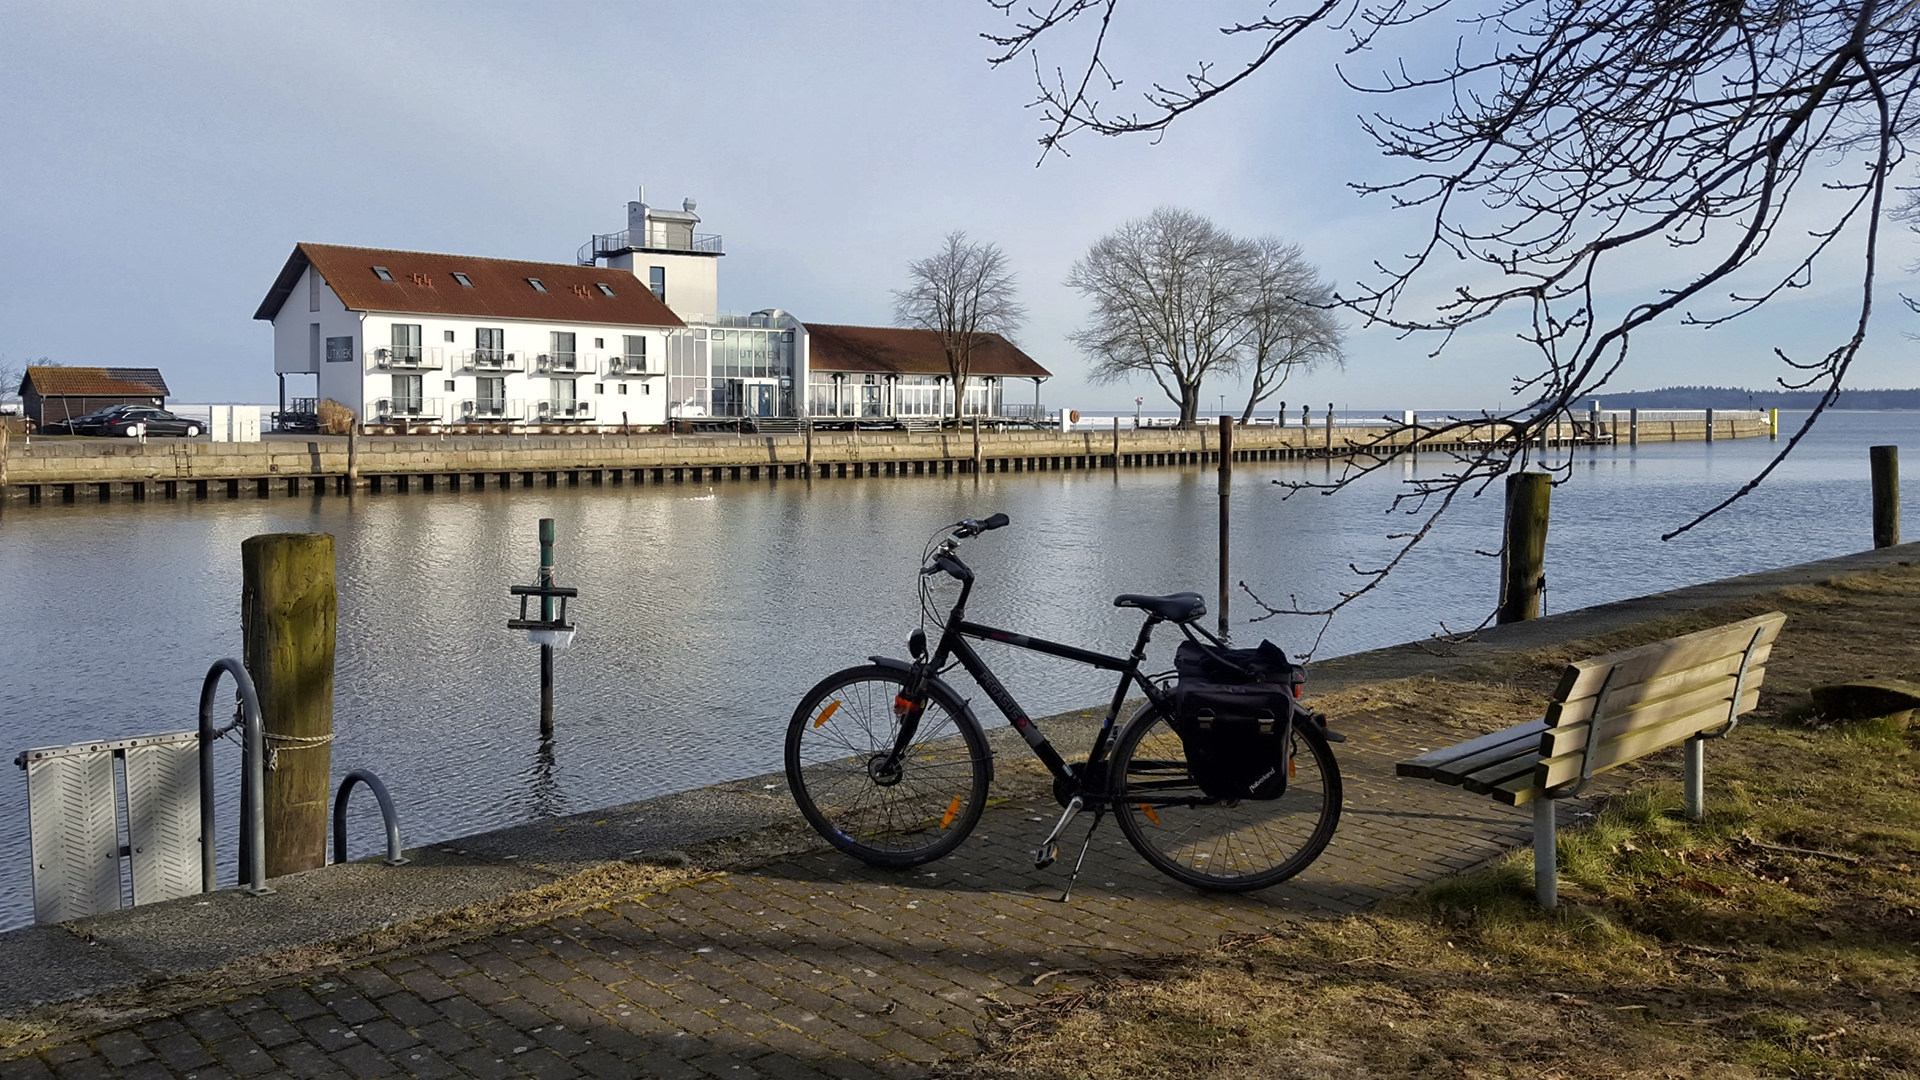 Mittwochmorgen in Greifswald-Wieck